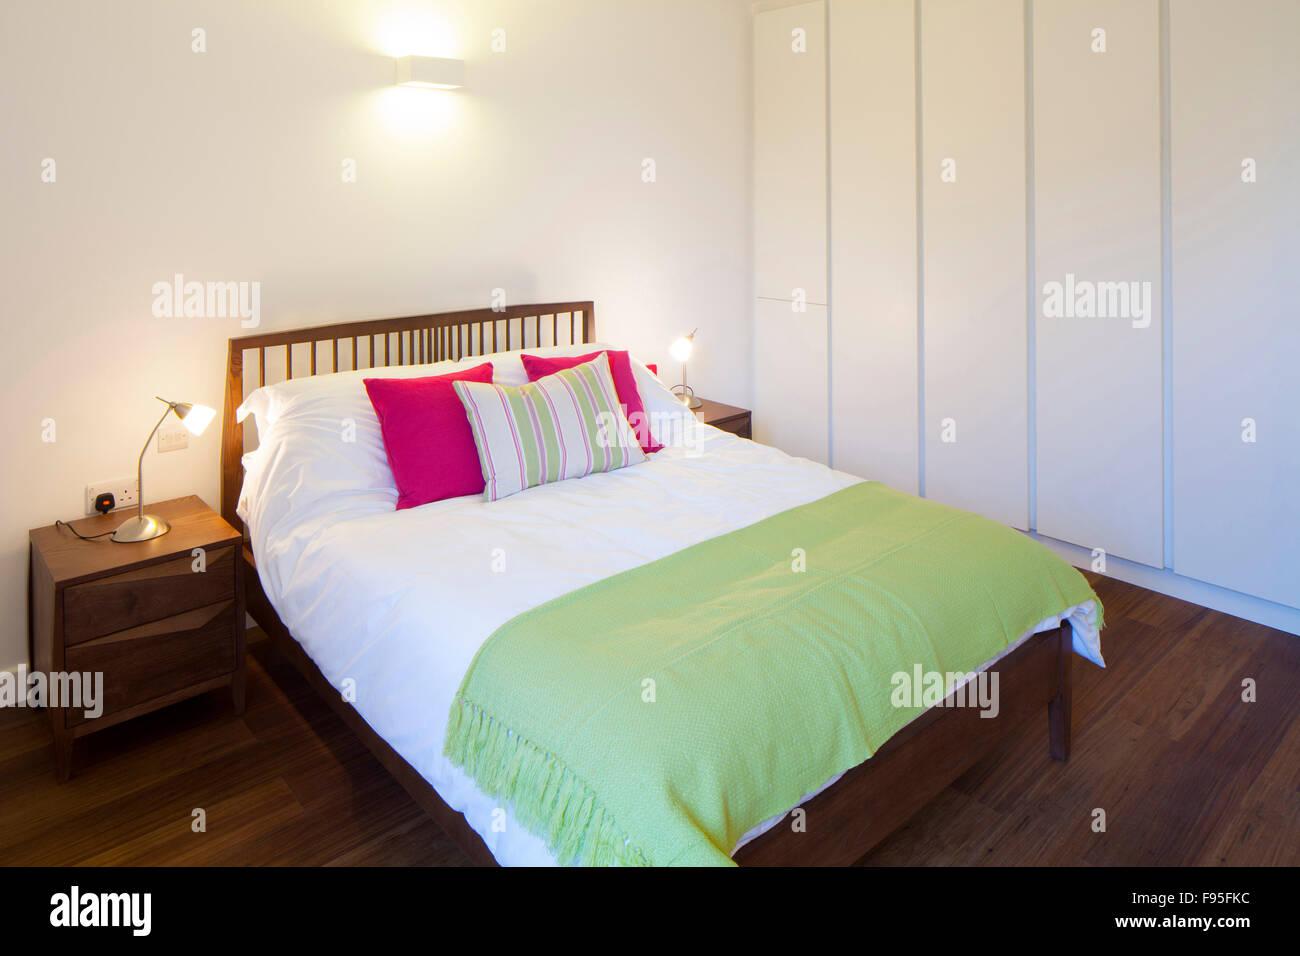 Ein Church Square, London, UK. Schlafzimmer mit Holzböden in einer modernen Wohnung. Stockbild